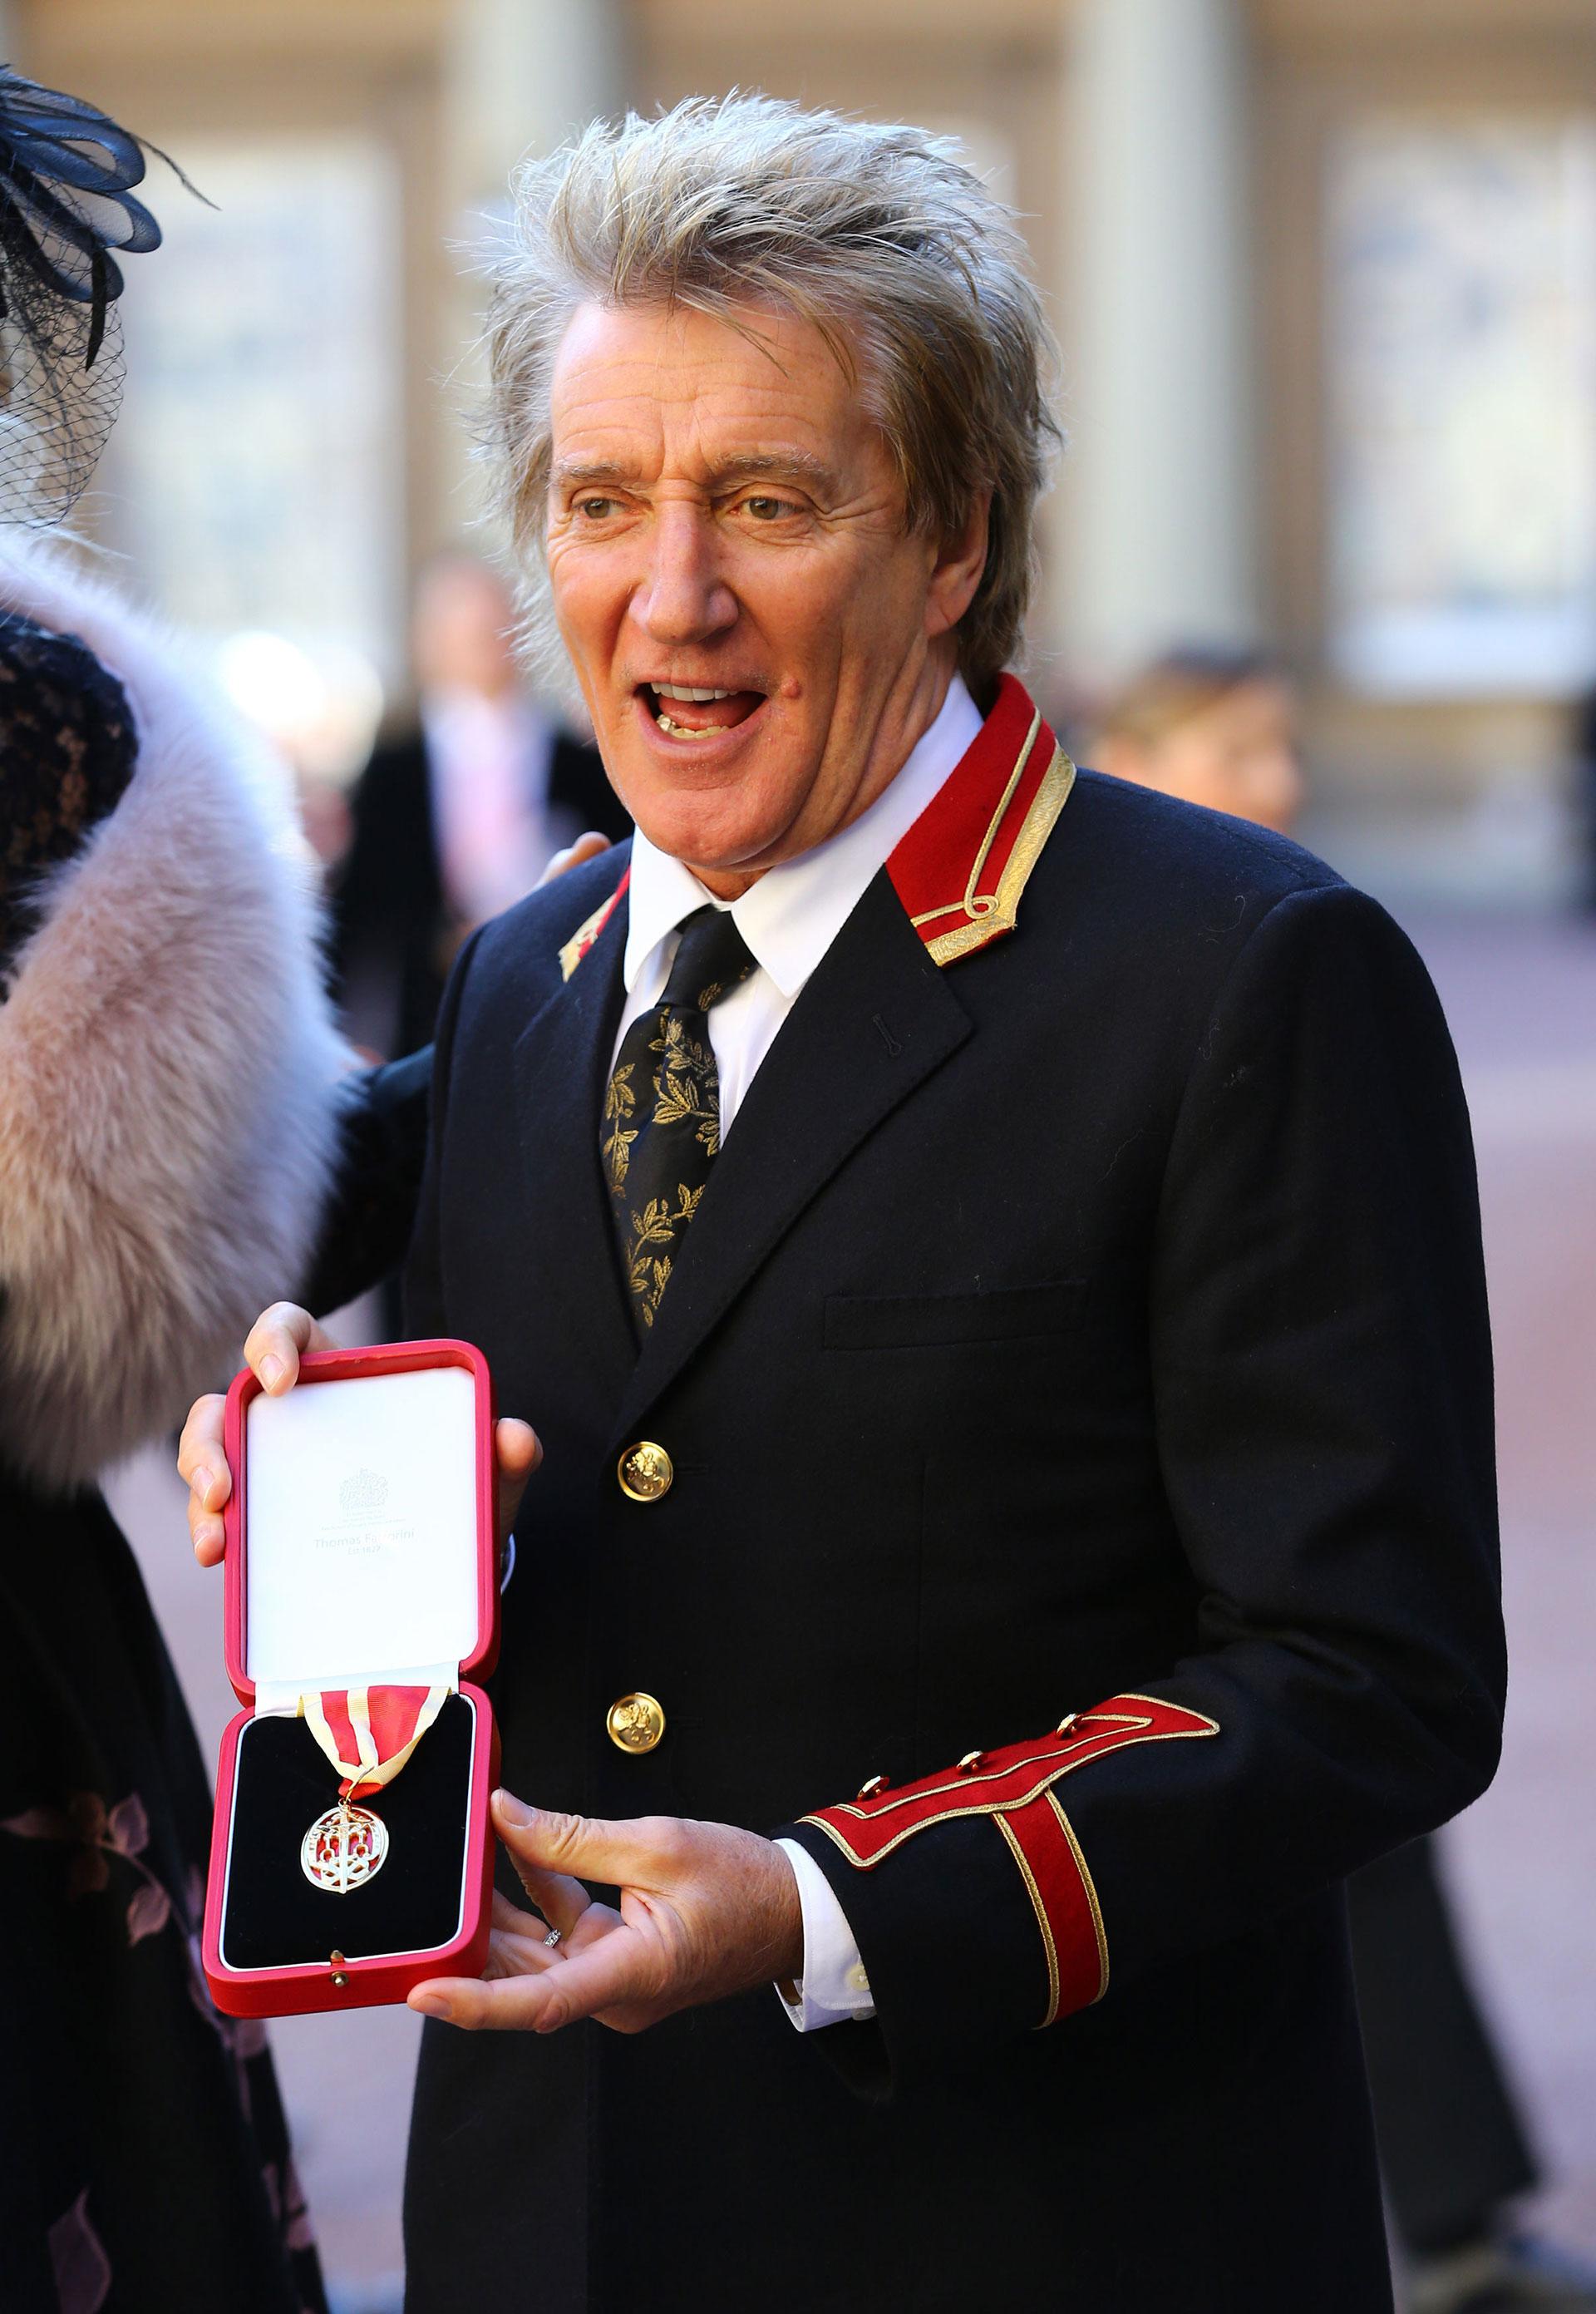 Ahora la estrella de rock puede ser llamado Sir Roderick David Stewart